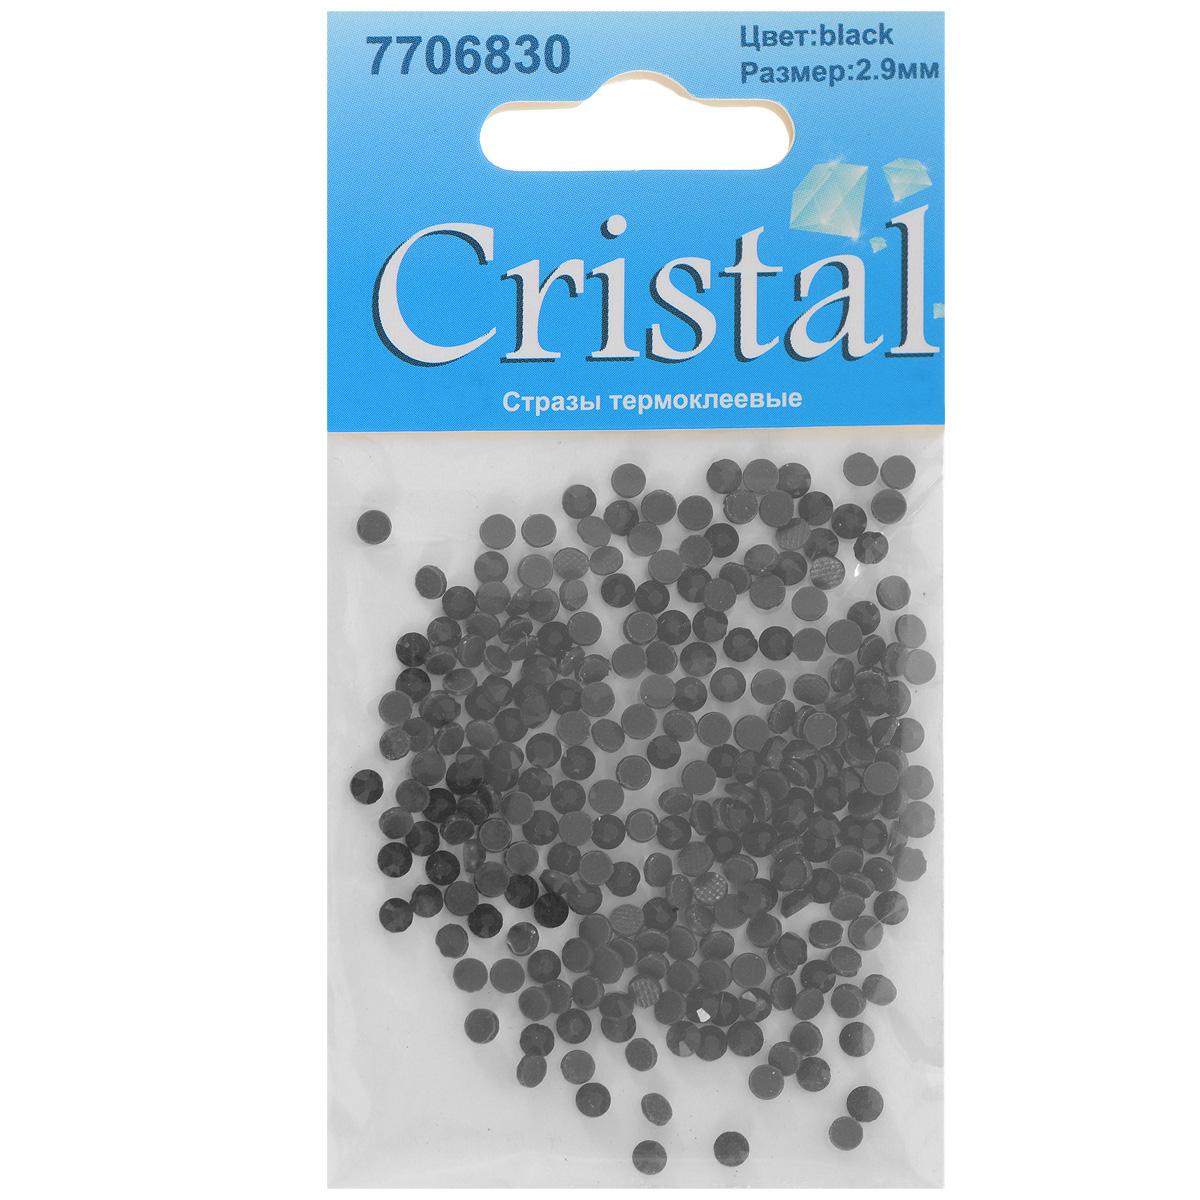 Стразы термоклеевые Cristal, цвет: черный, диаметр 2,9 мм, 288 шт55052Набор термоклеевых страз Cristal, изготовленный из высококачественного акрила, позволит вам украсить одежду, аксессуары или текстиль. Яркие стразы имеют плоское дно и круглую поверхность с гранями.Дно термоклеевых страз уже обработано особым клеем, который под воздействием высоких температур начинает плавиться, приклеиваясь, таким образом, к требуемой поверхности. Чаще всего их используют в текстильной промышленности: стразы прикладывают к ткани и проглаживают утюгом с обратной стороны. Также можно использовать специальный паяльник. Украшение стразами поможет сделать любую вещь оригинальной и неповторимой. Диаметр страз: 2,9 мм.